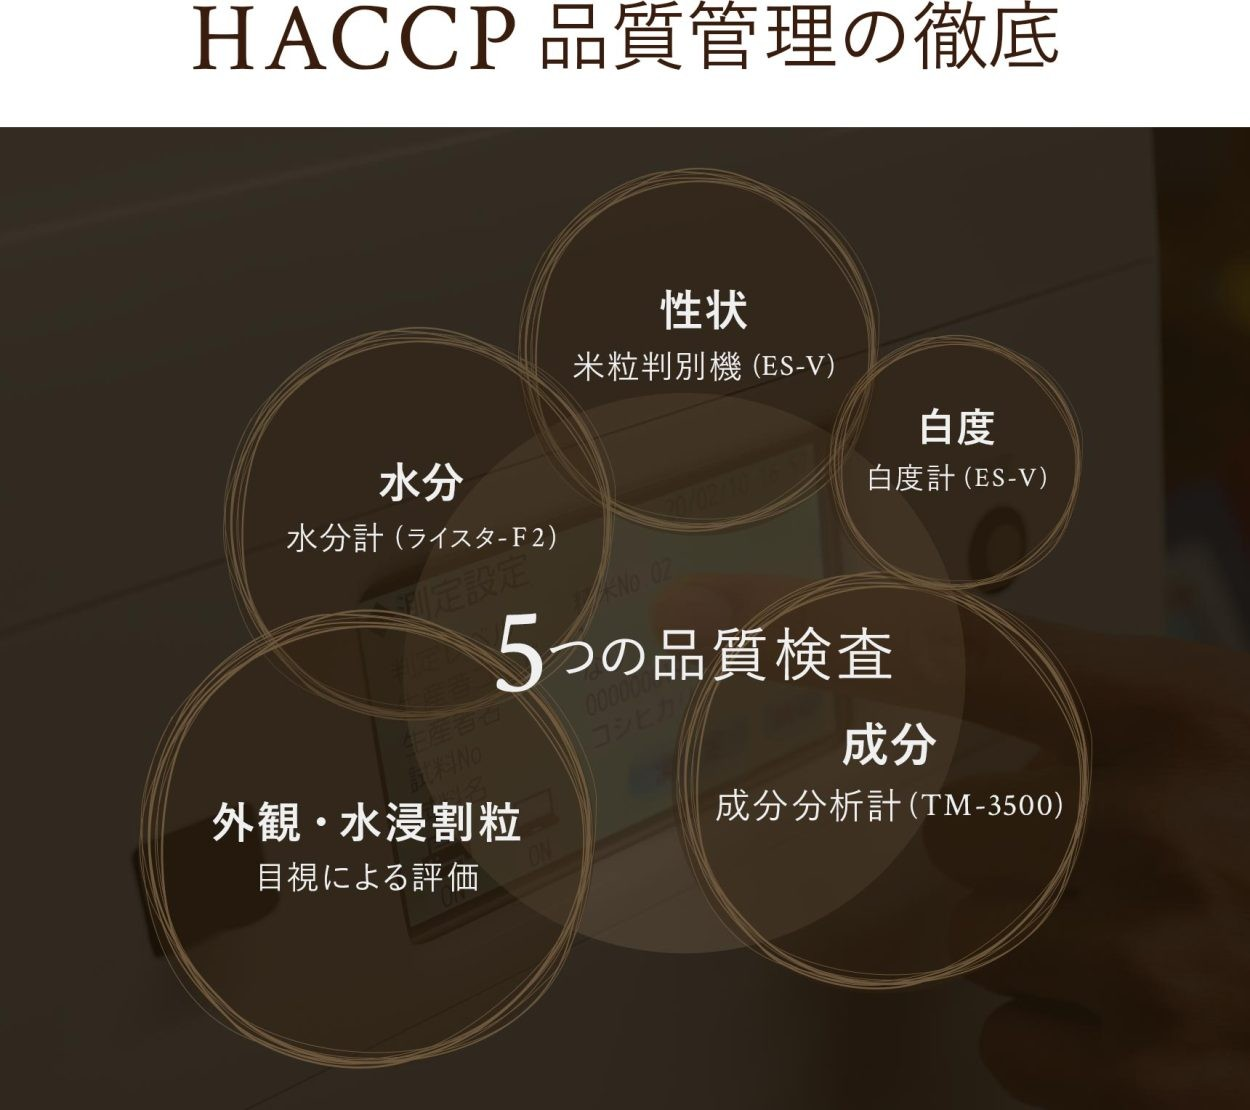 HACCP品質管理